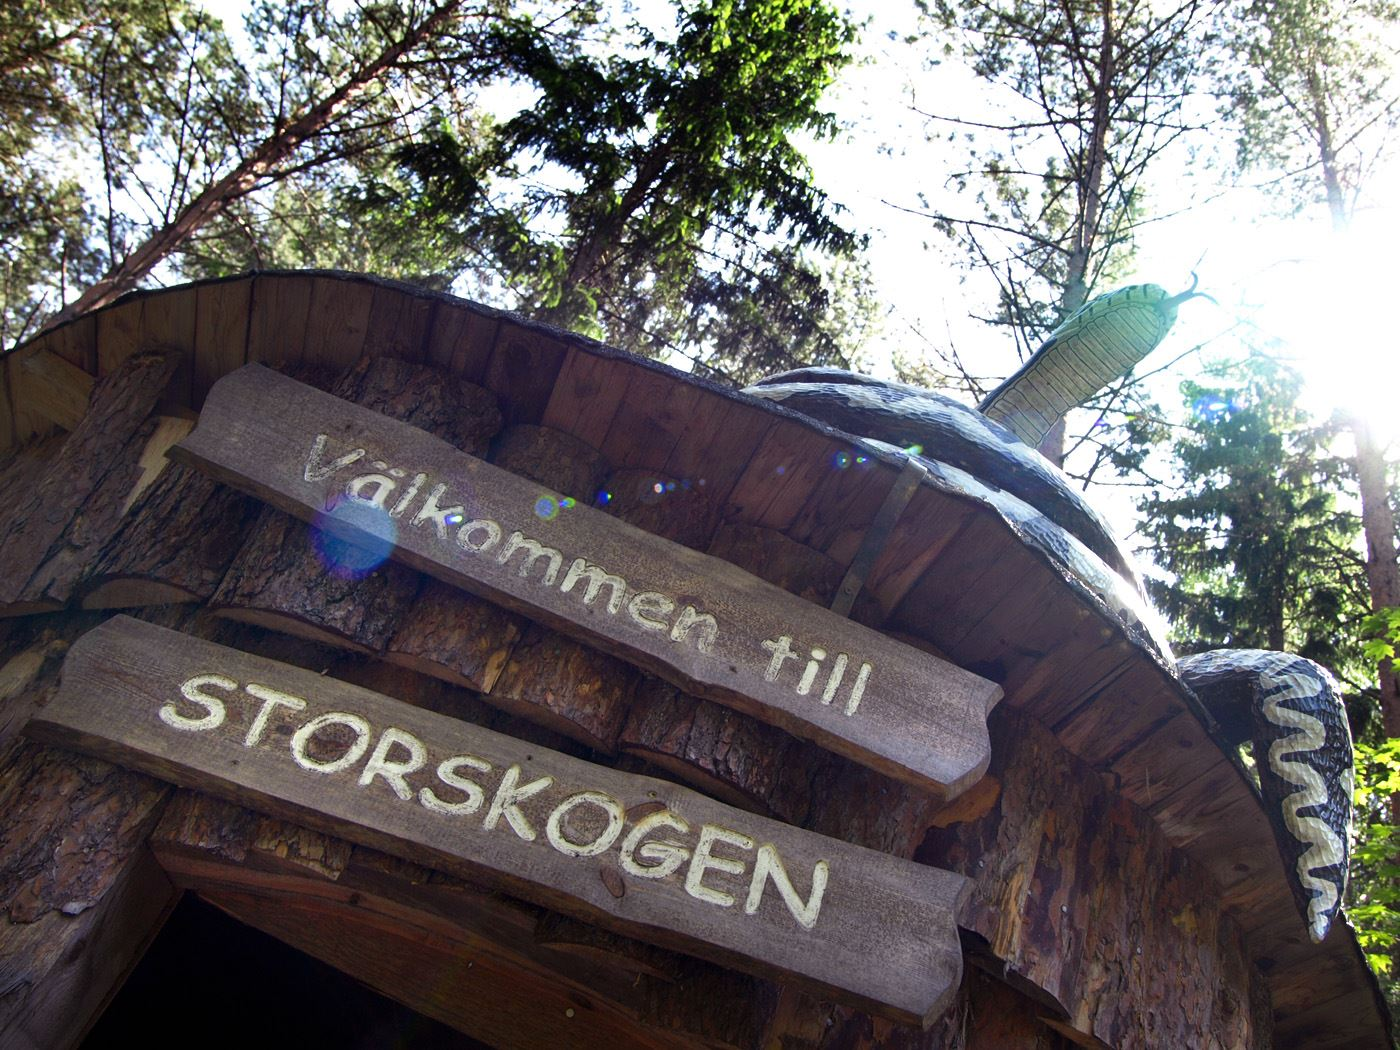 Upplevelsespåret Storskogen